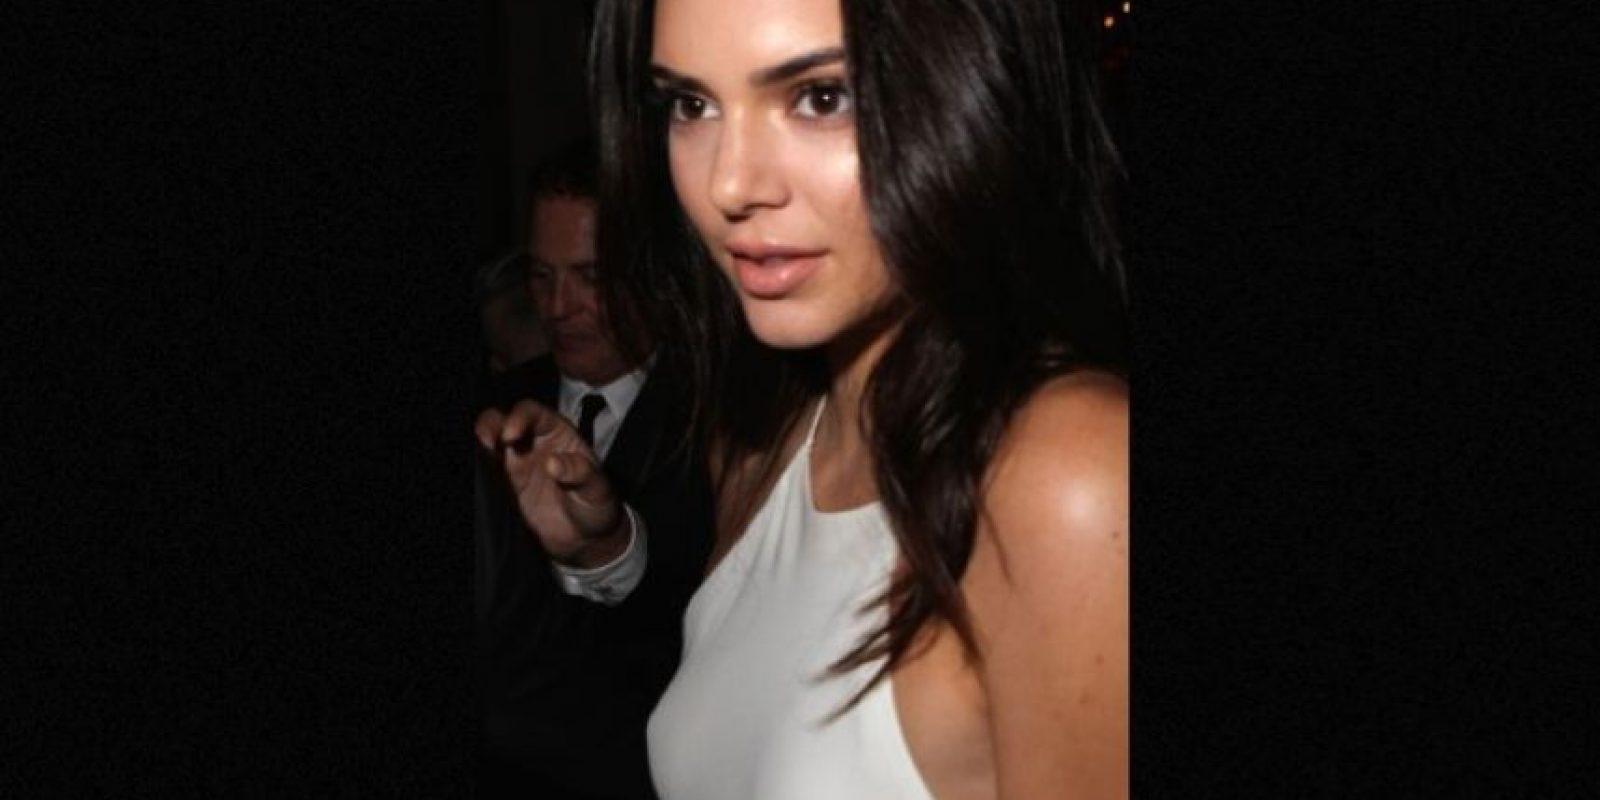 """Su ajustado vestido blanco dejó al descubierto su """"nipple piercing"""" Foto:Grosby Group"""